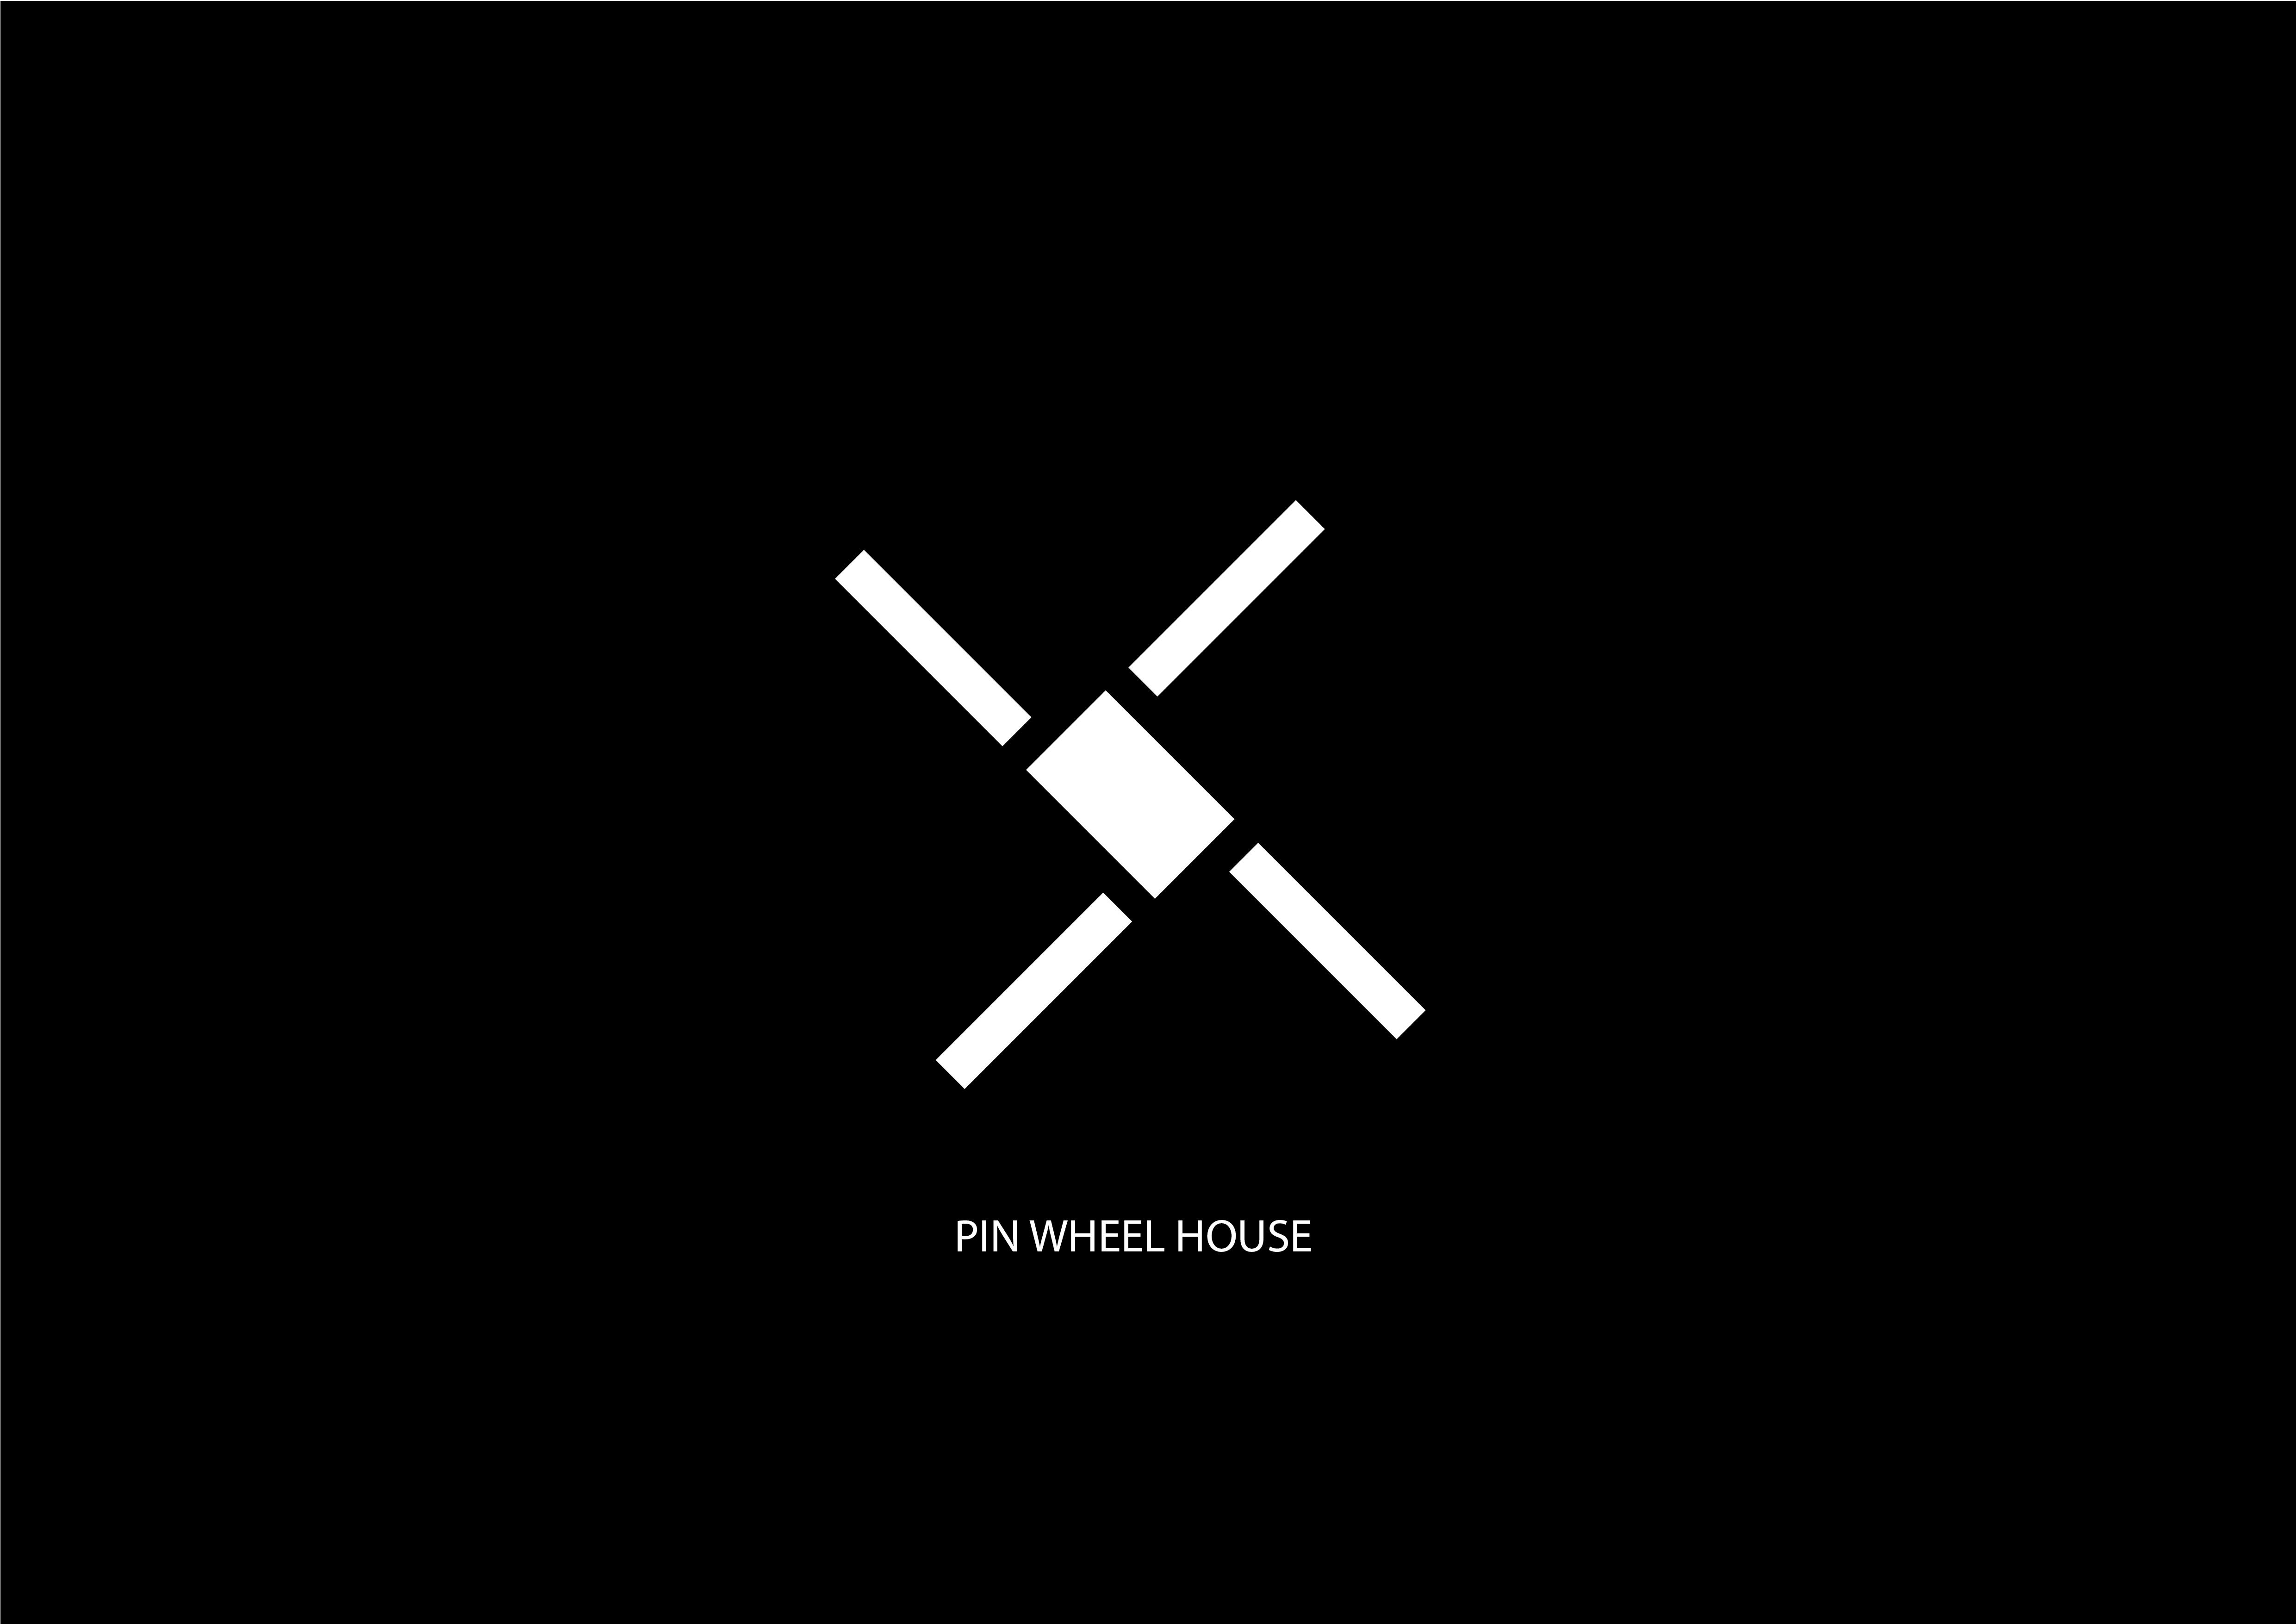 pinwheel house-01